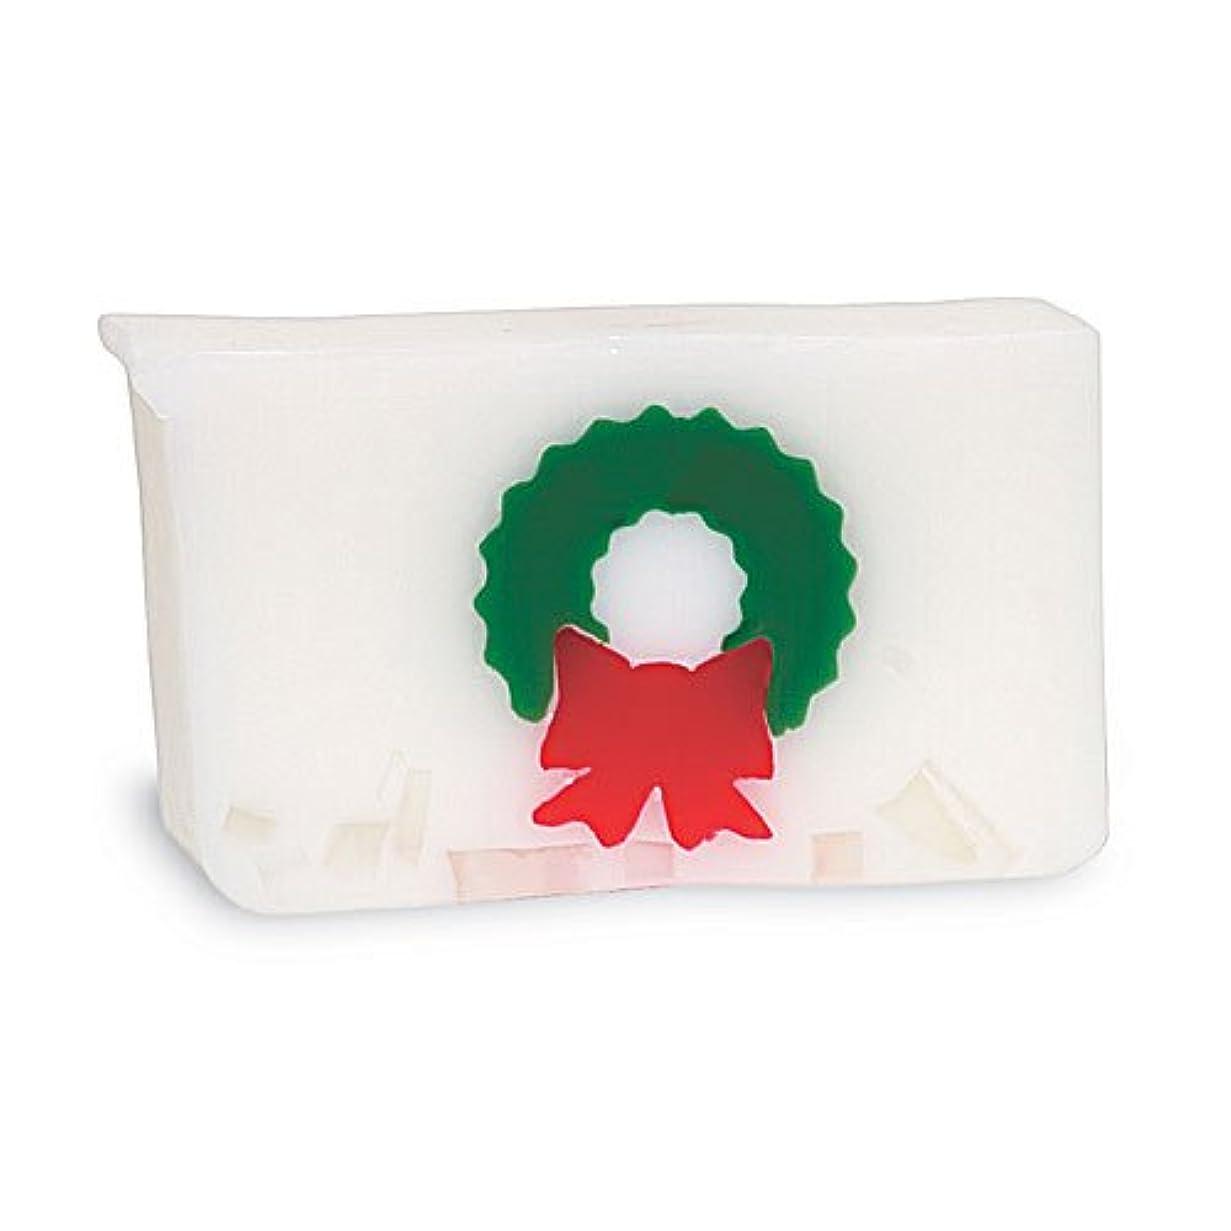 シャットショルダー指導するプライモールエレメンツ アロマティック ソープ クリスマスリース 180g 植物性 ナチュラル 石鹸 無添加